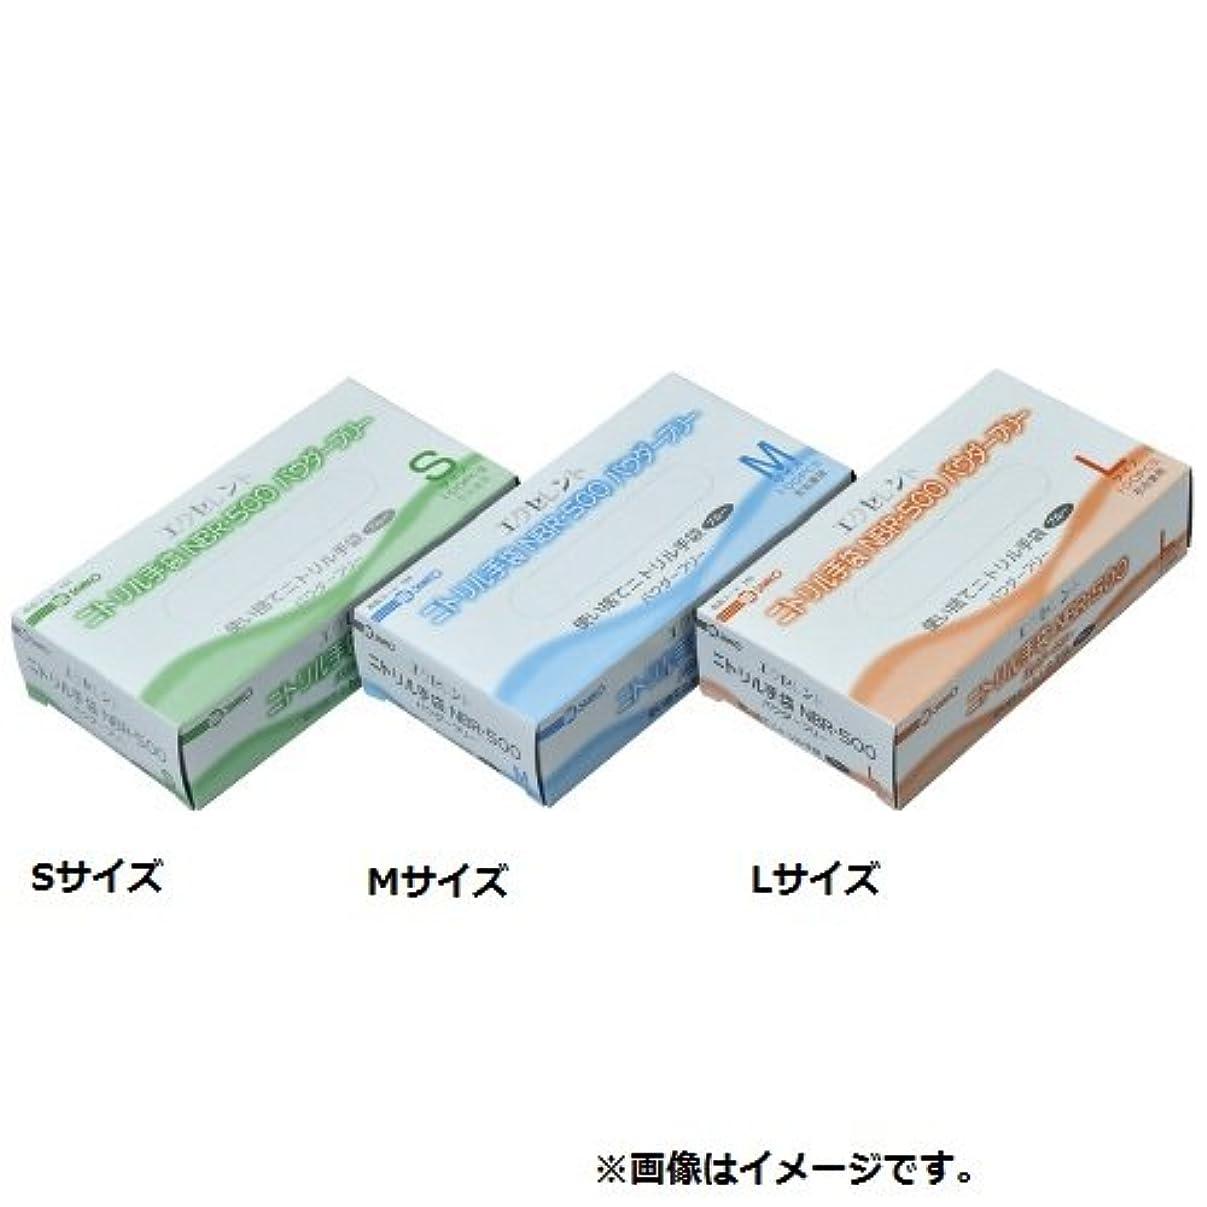 雄弁家淡いメロドラマティックエクセレントニトリル手袋NBR-500パウダーフリー M カラー:ブルー 入数:1箱(100枚)